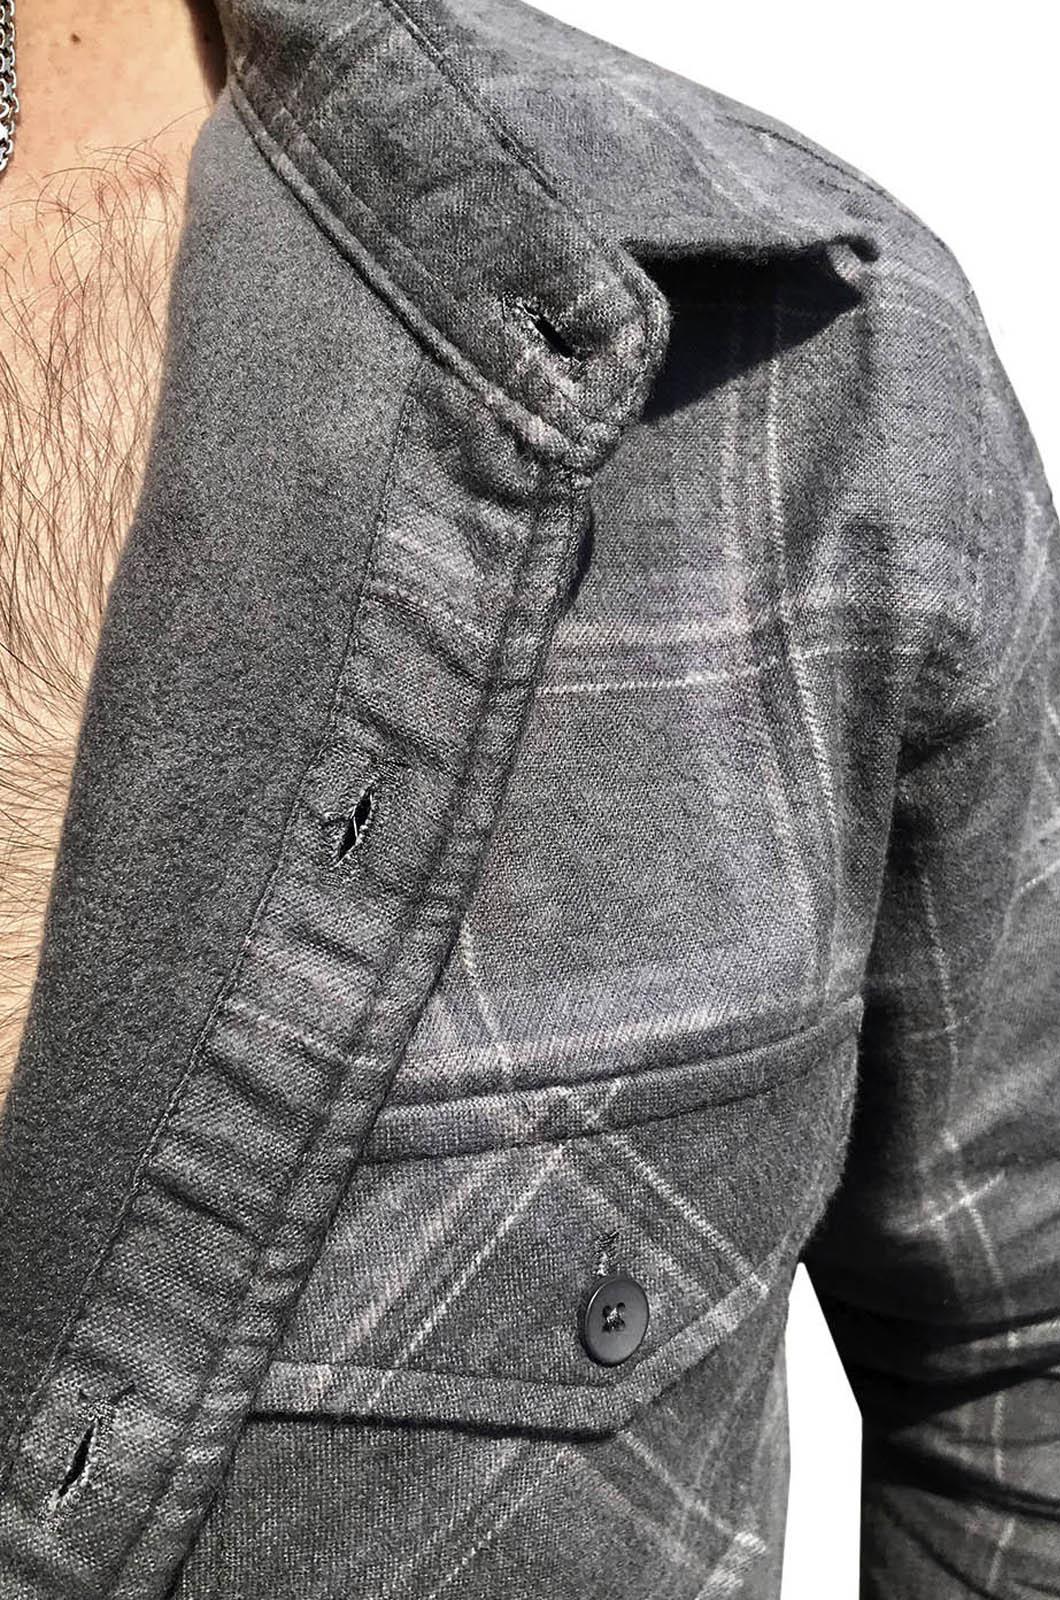 Строгая рубашка с вышитым шевроном Охотничьи Войска - заказать с доставкой